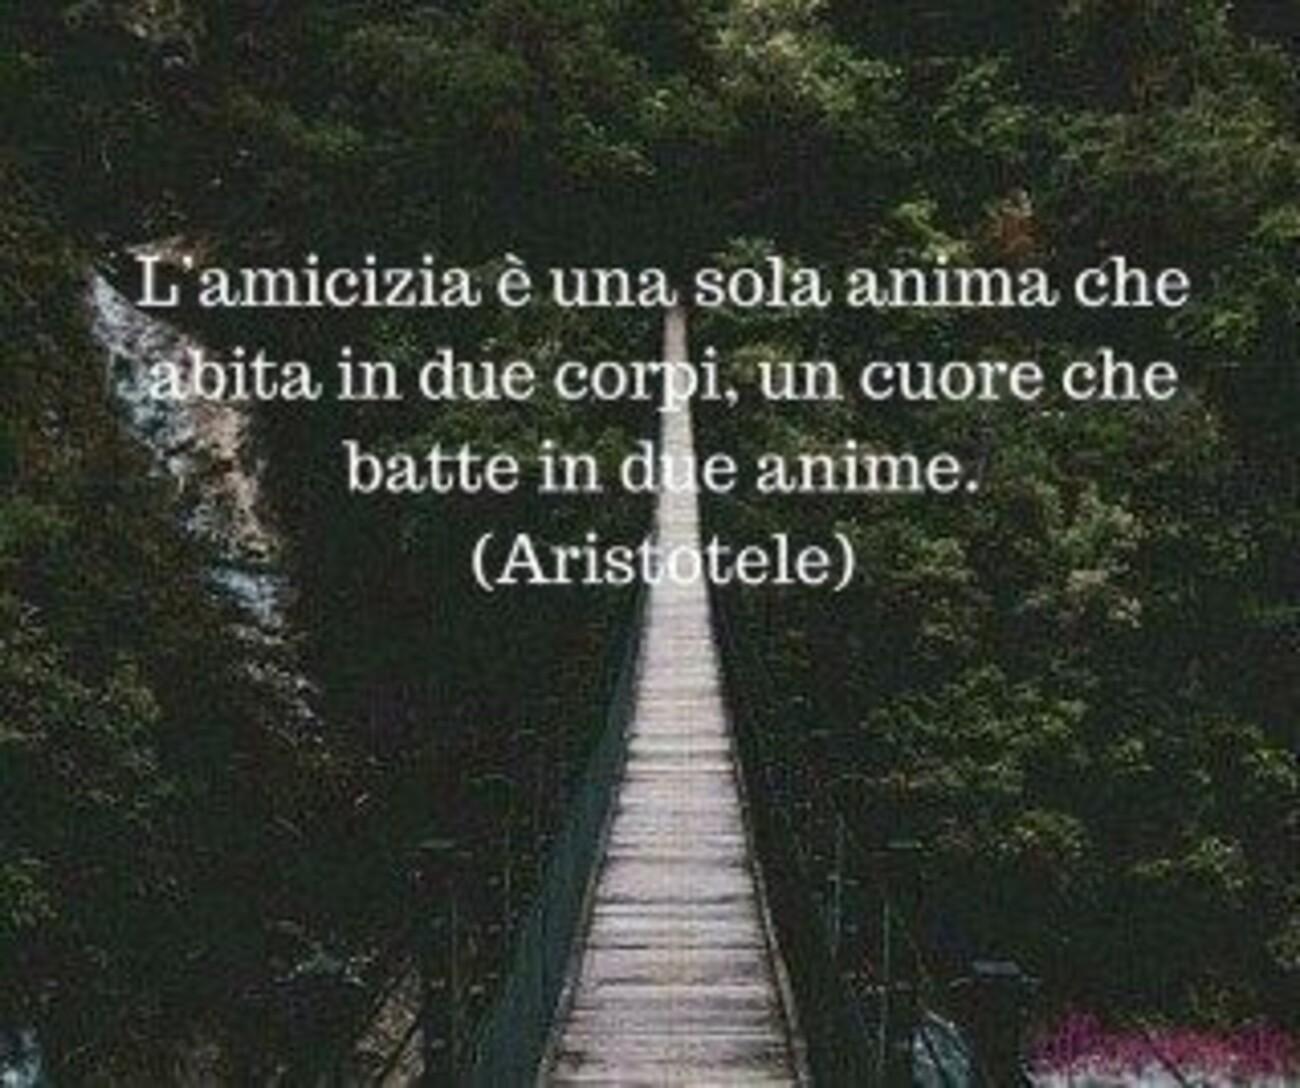 L'amicizia è una sola anima che abita in due corpi, un cuore che batte in due anime. Aristotele